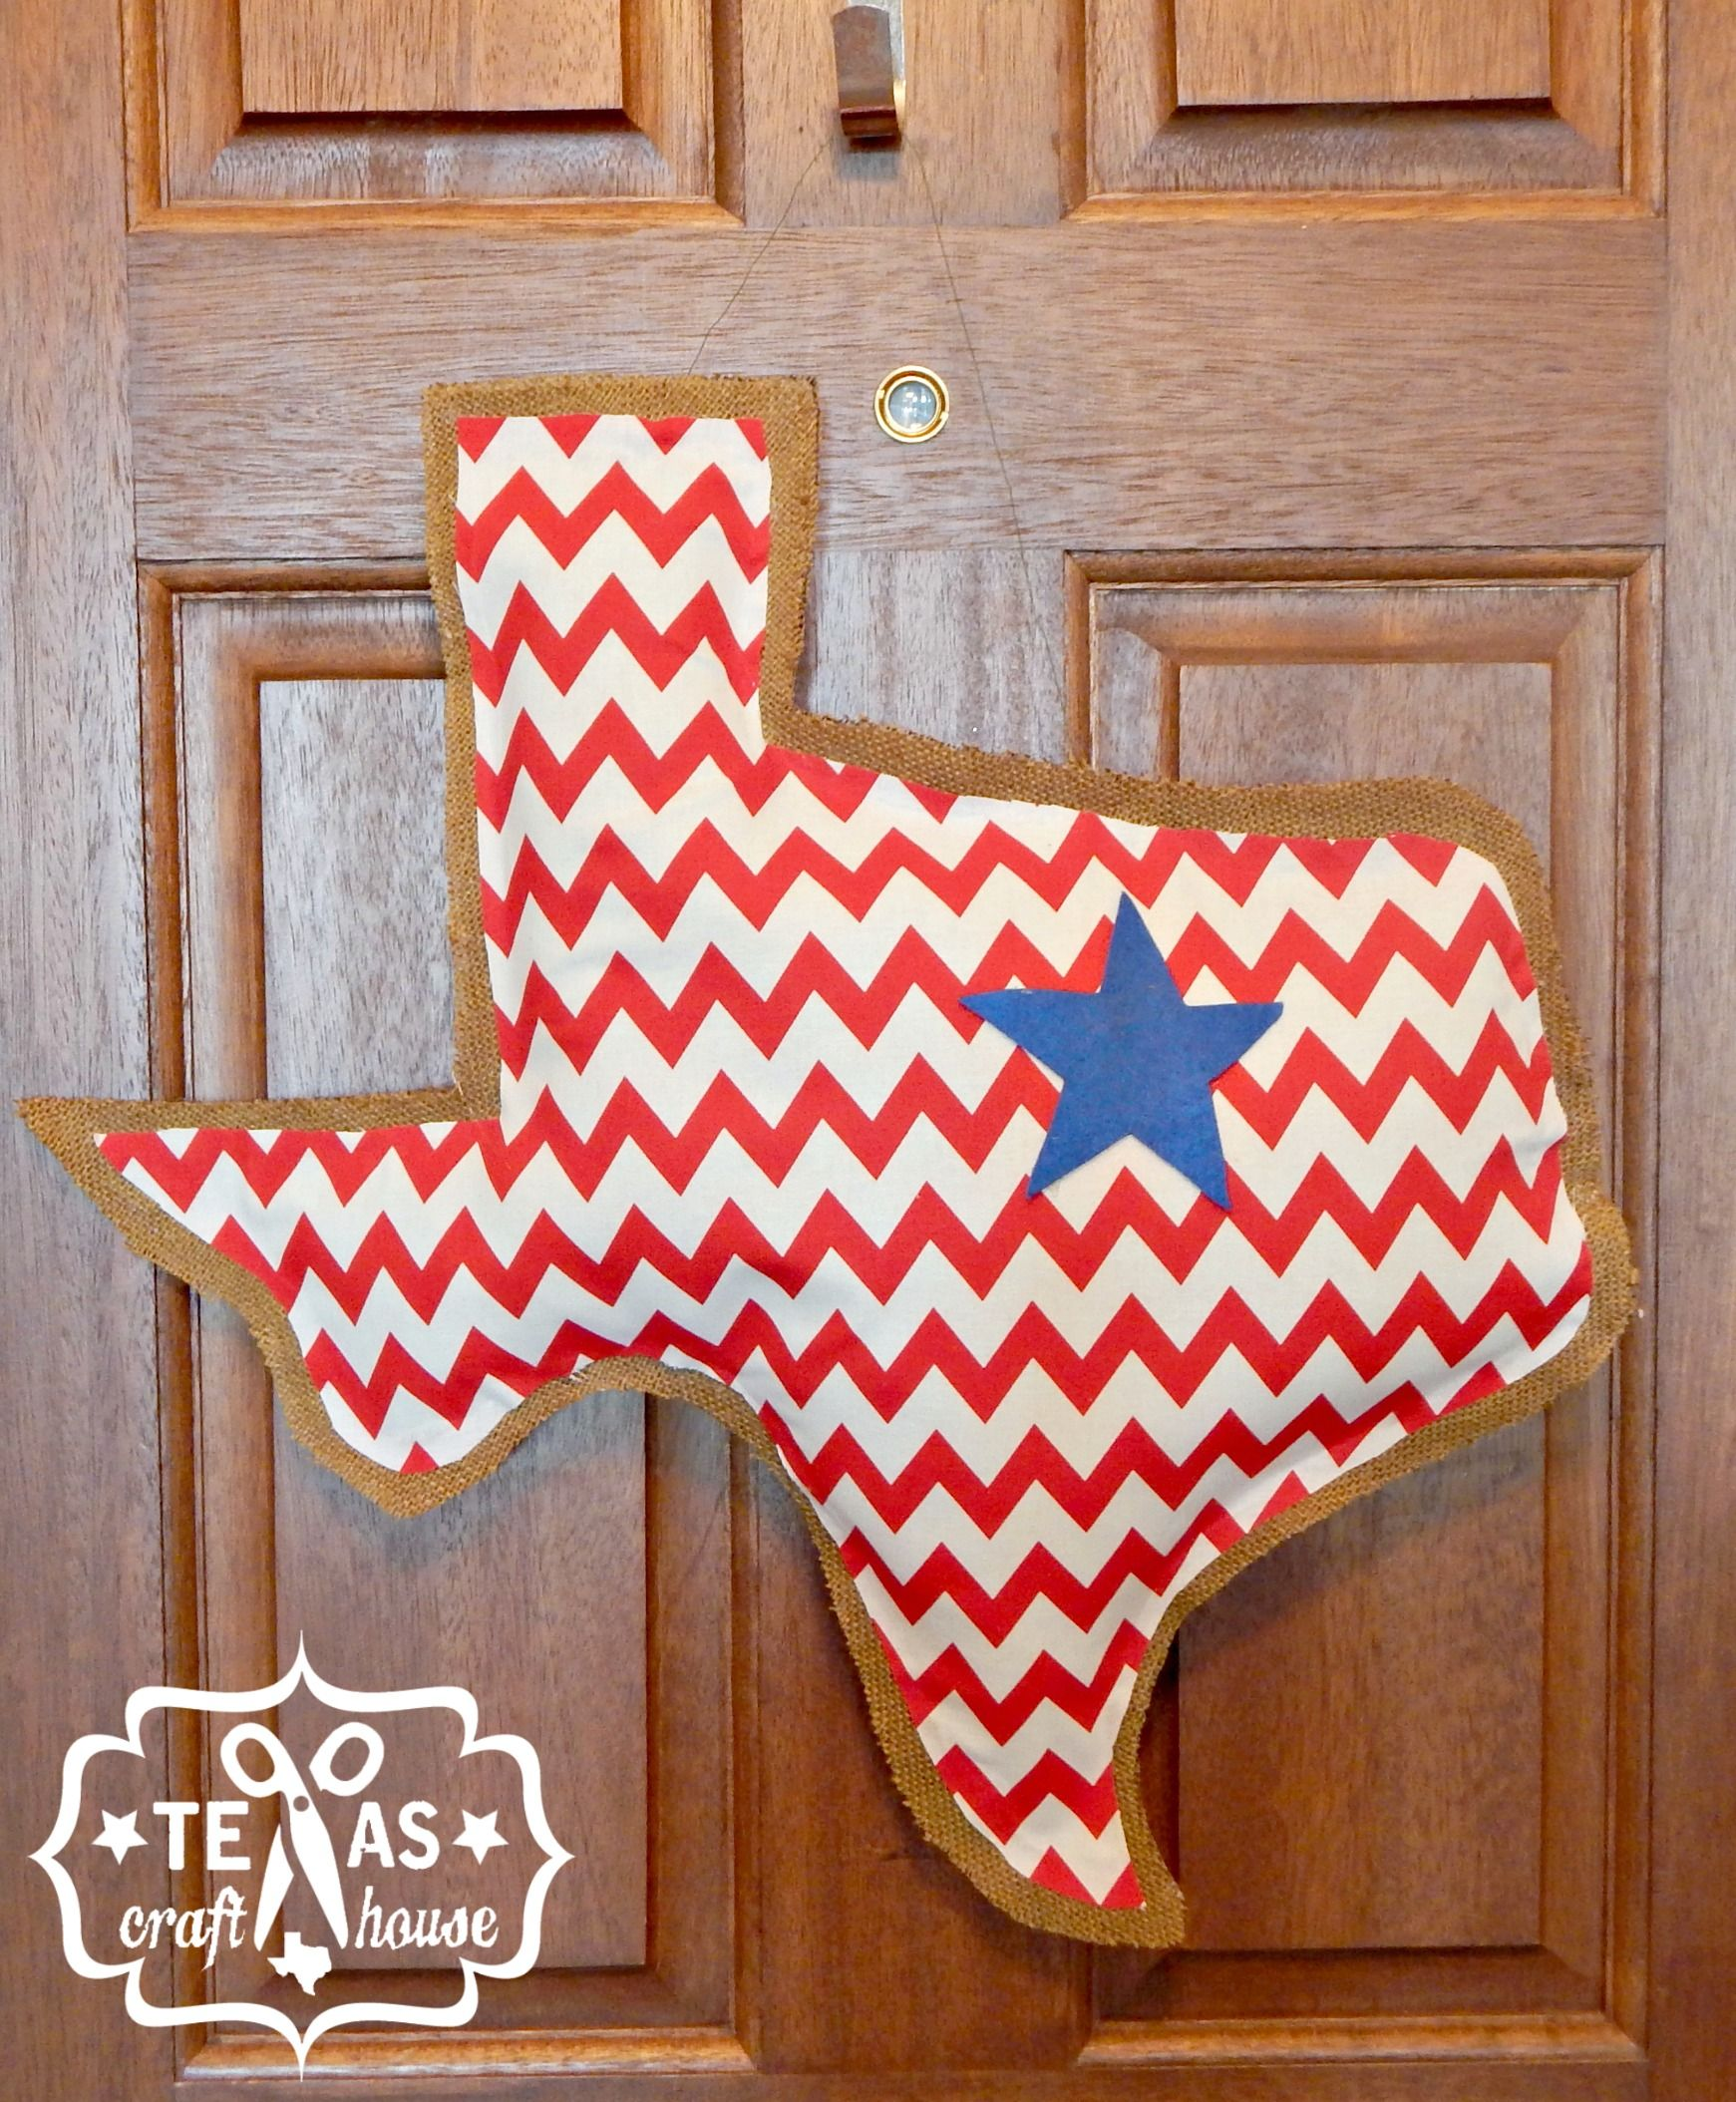 Texas Craft House Texas Burlap Door Hanger Tutorial  sc 1 st  Pinterest & Texas Craft House Texas Burlap Door Hanger Tutorial | Texas ... pezcame.com